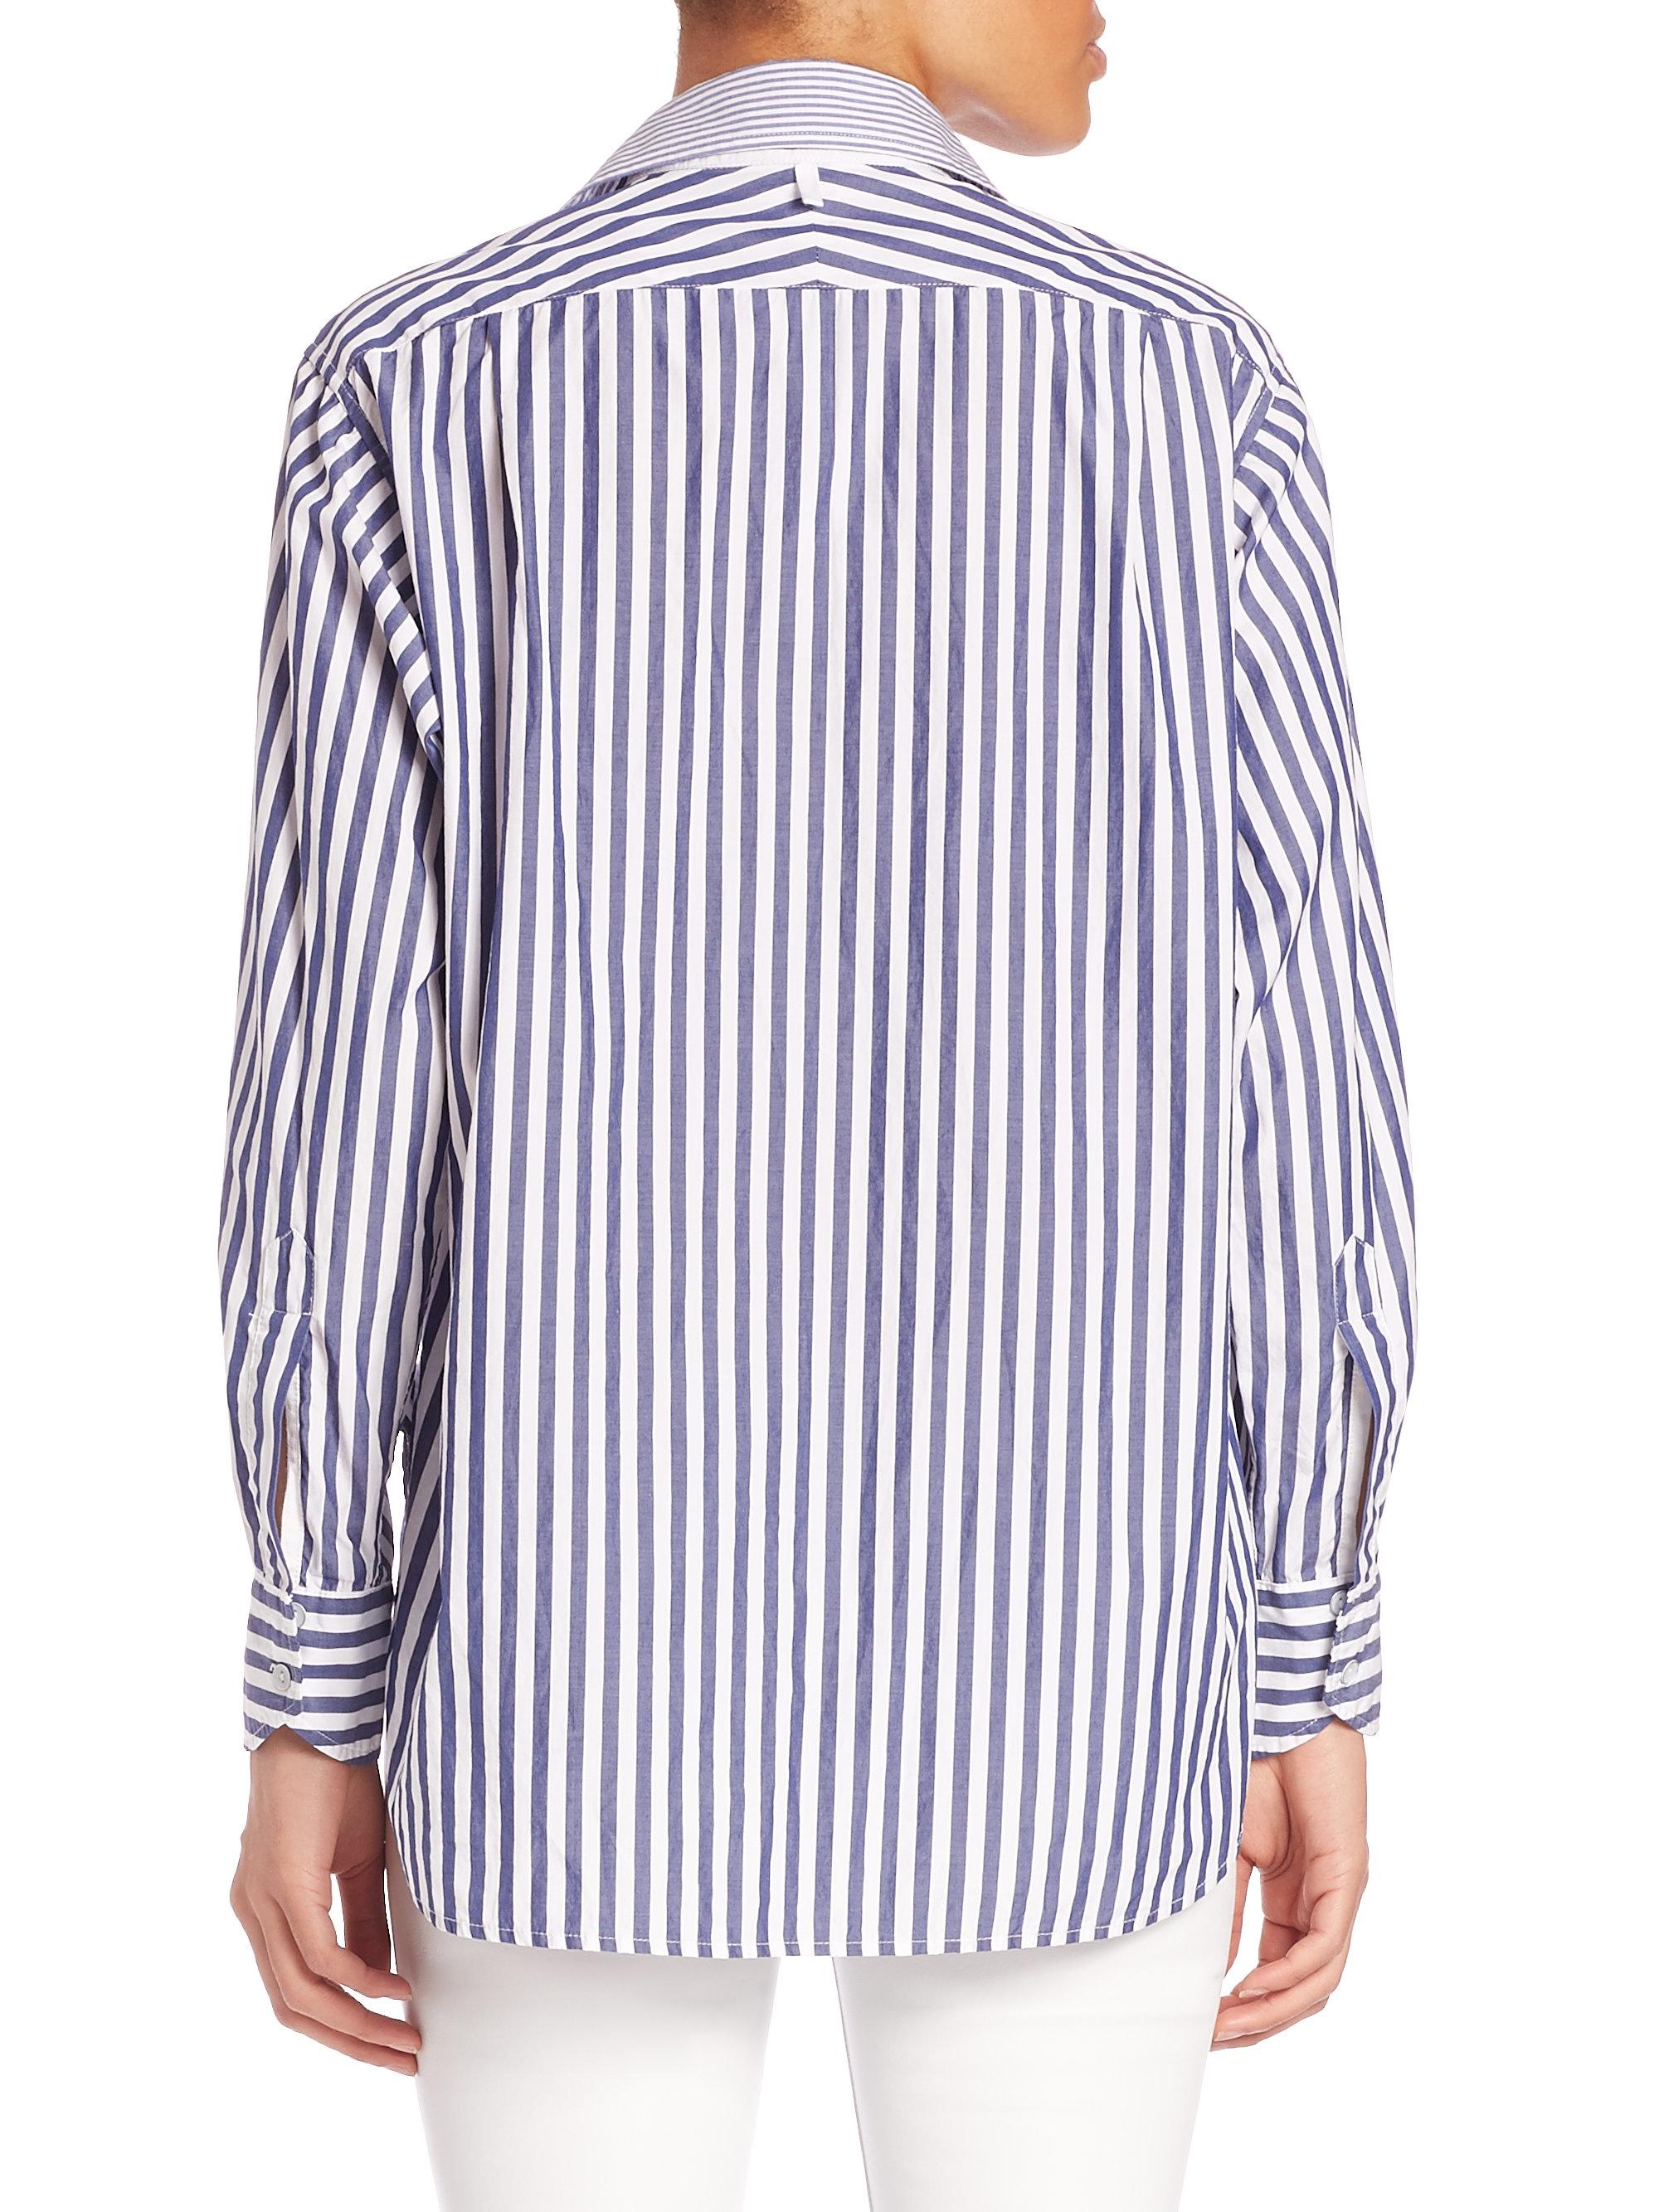 Rag bone striped cotton boyfriend shirt in blue lyst for Rag bone shirt